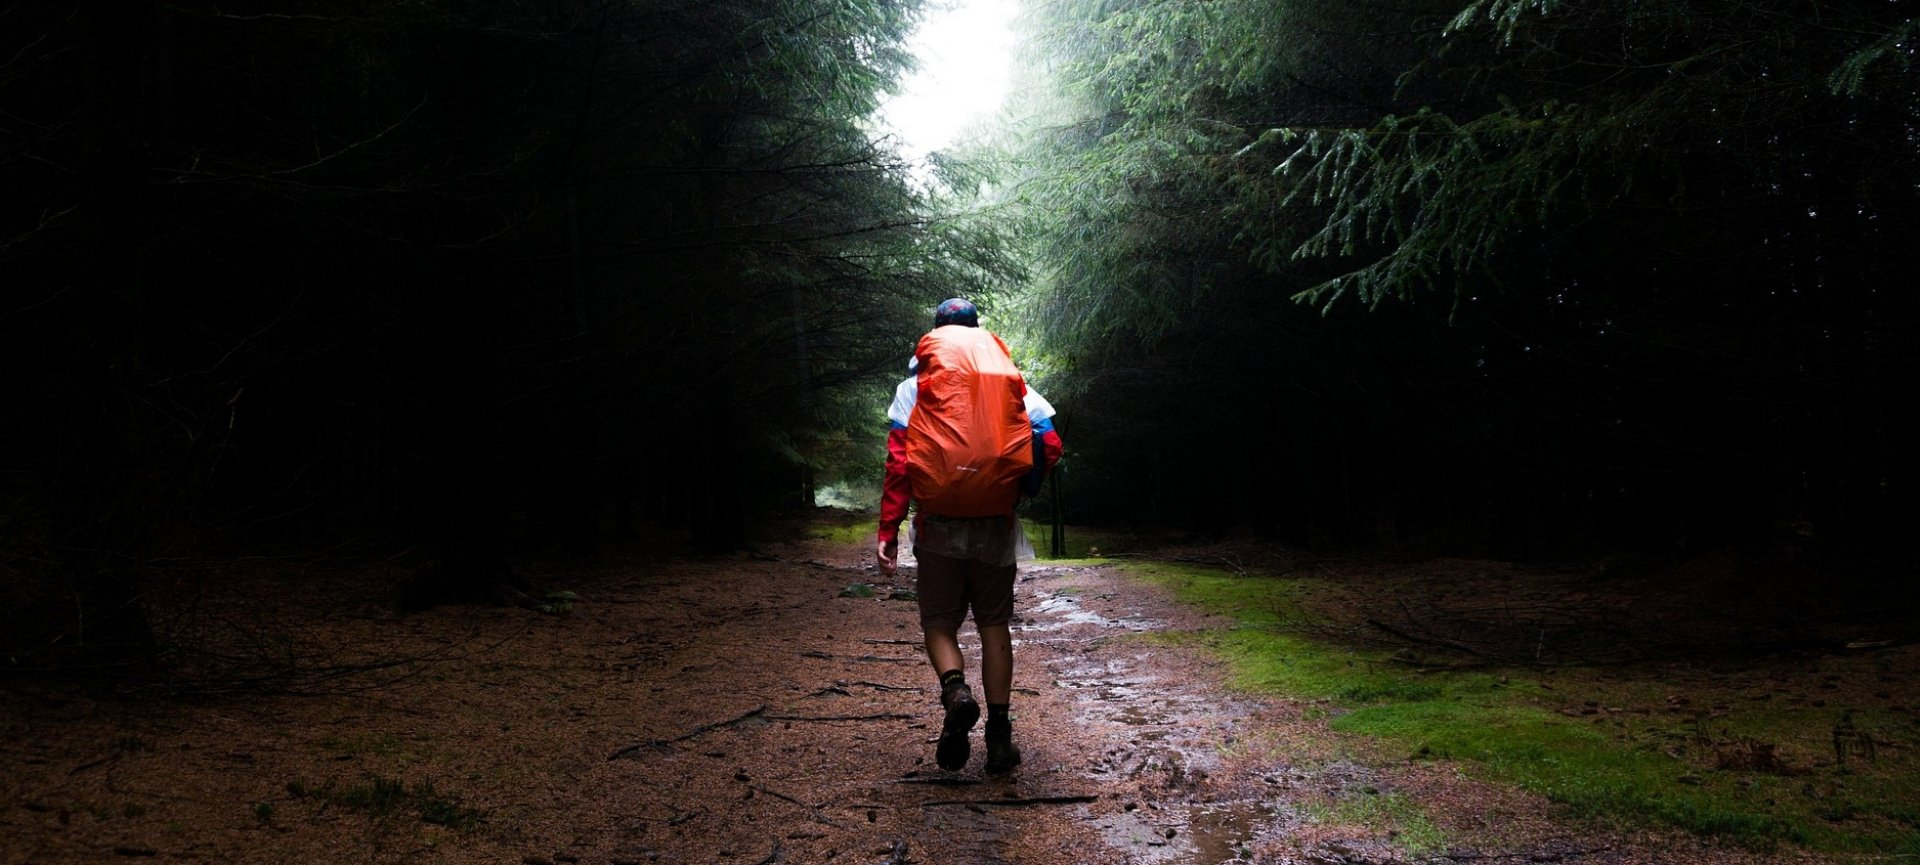 camminare sotto la pioggia fa bene